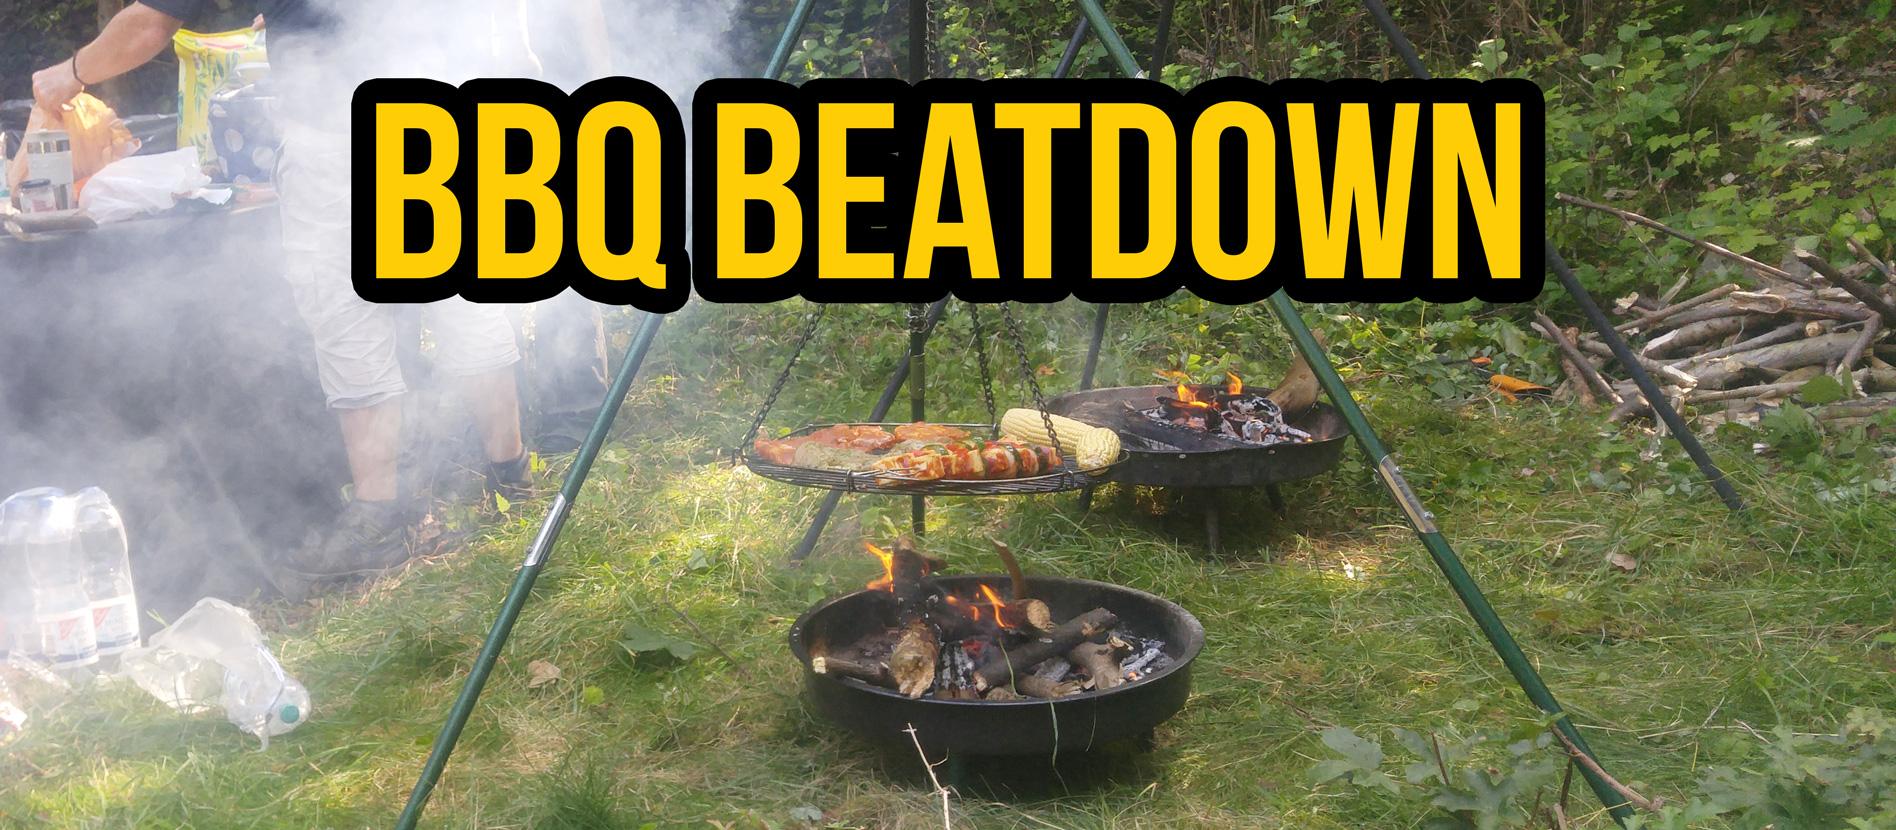 BBQ Beatdown [Intern]